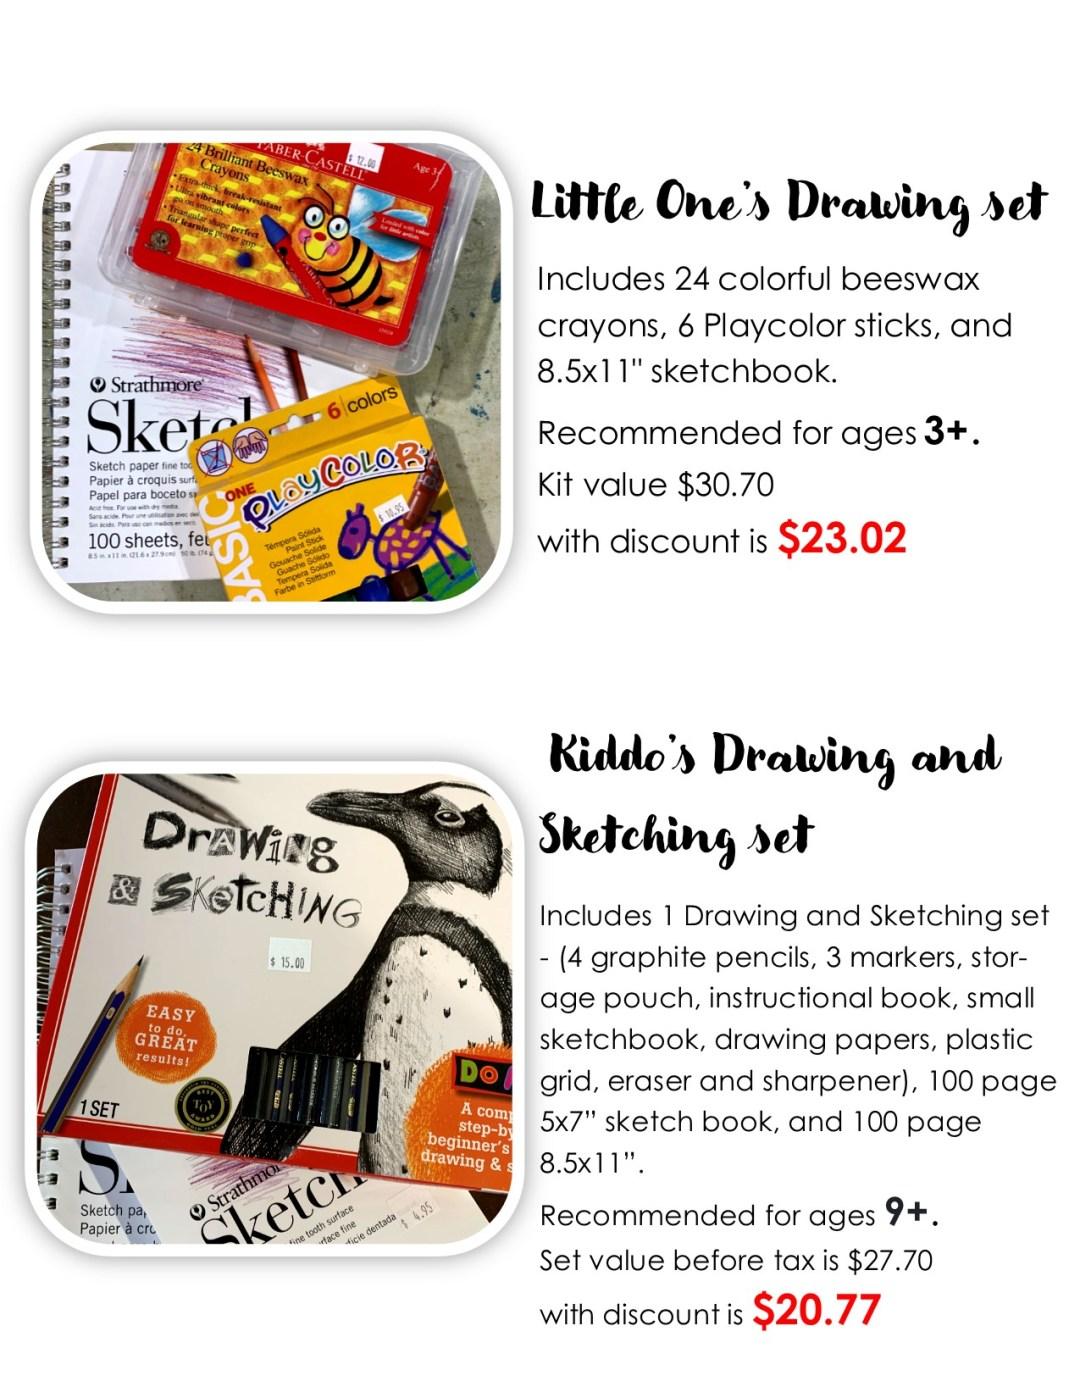 kiddos kits page 1